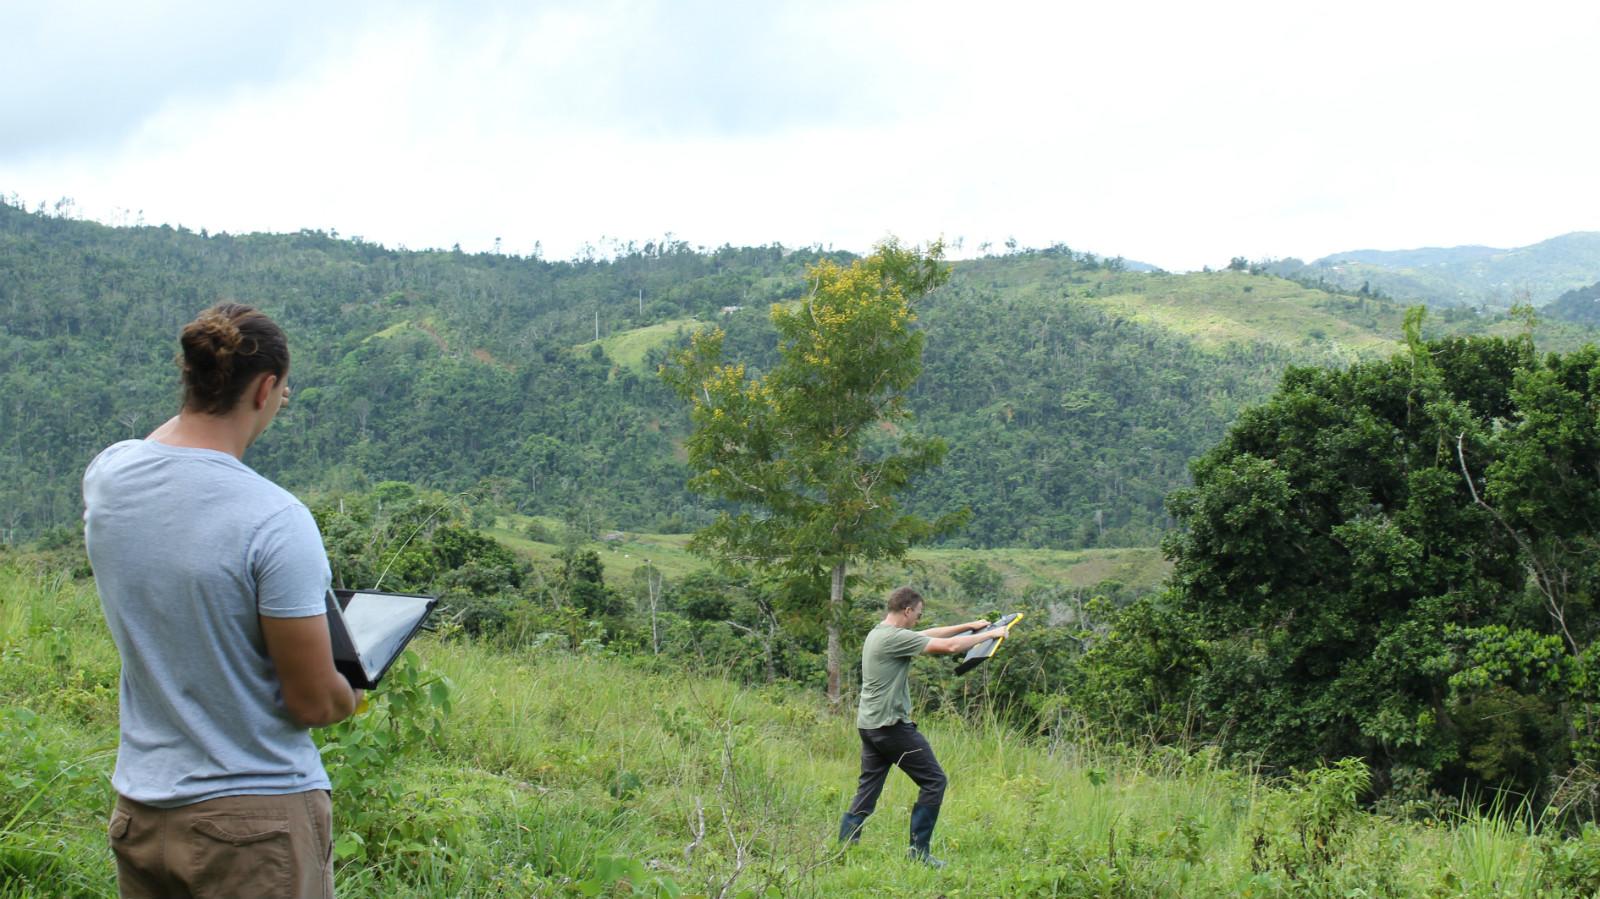 Pix4D Agriculture usecase drones climatechange eBee